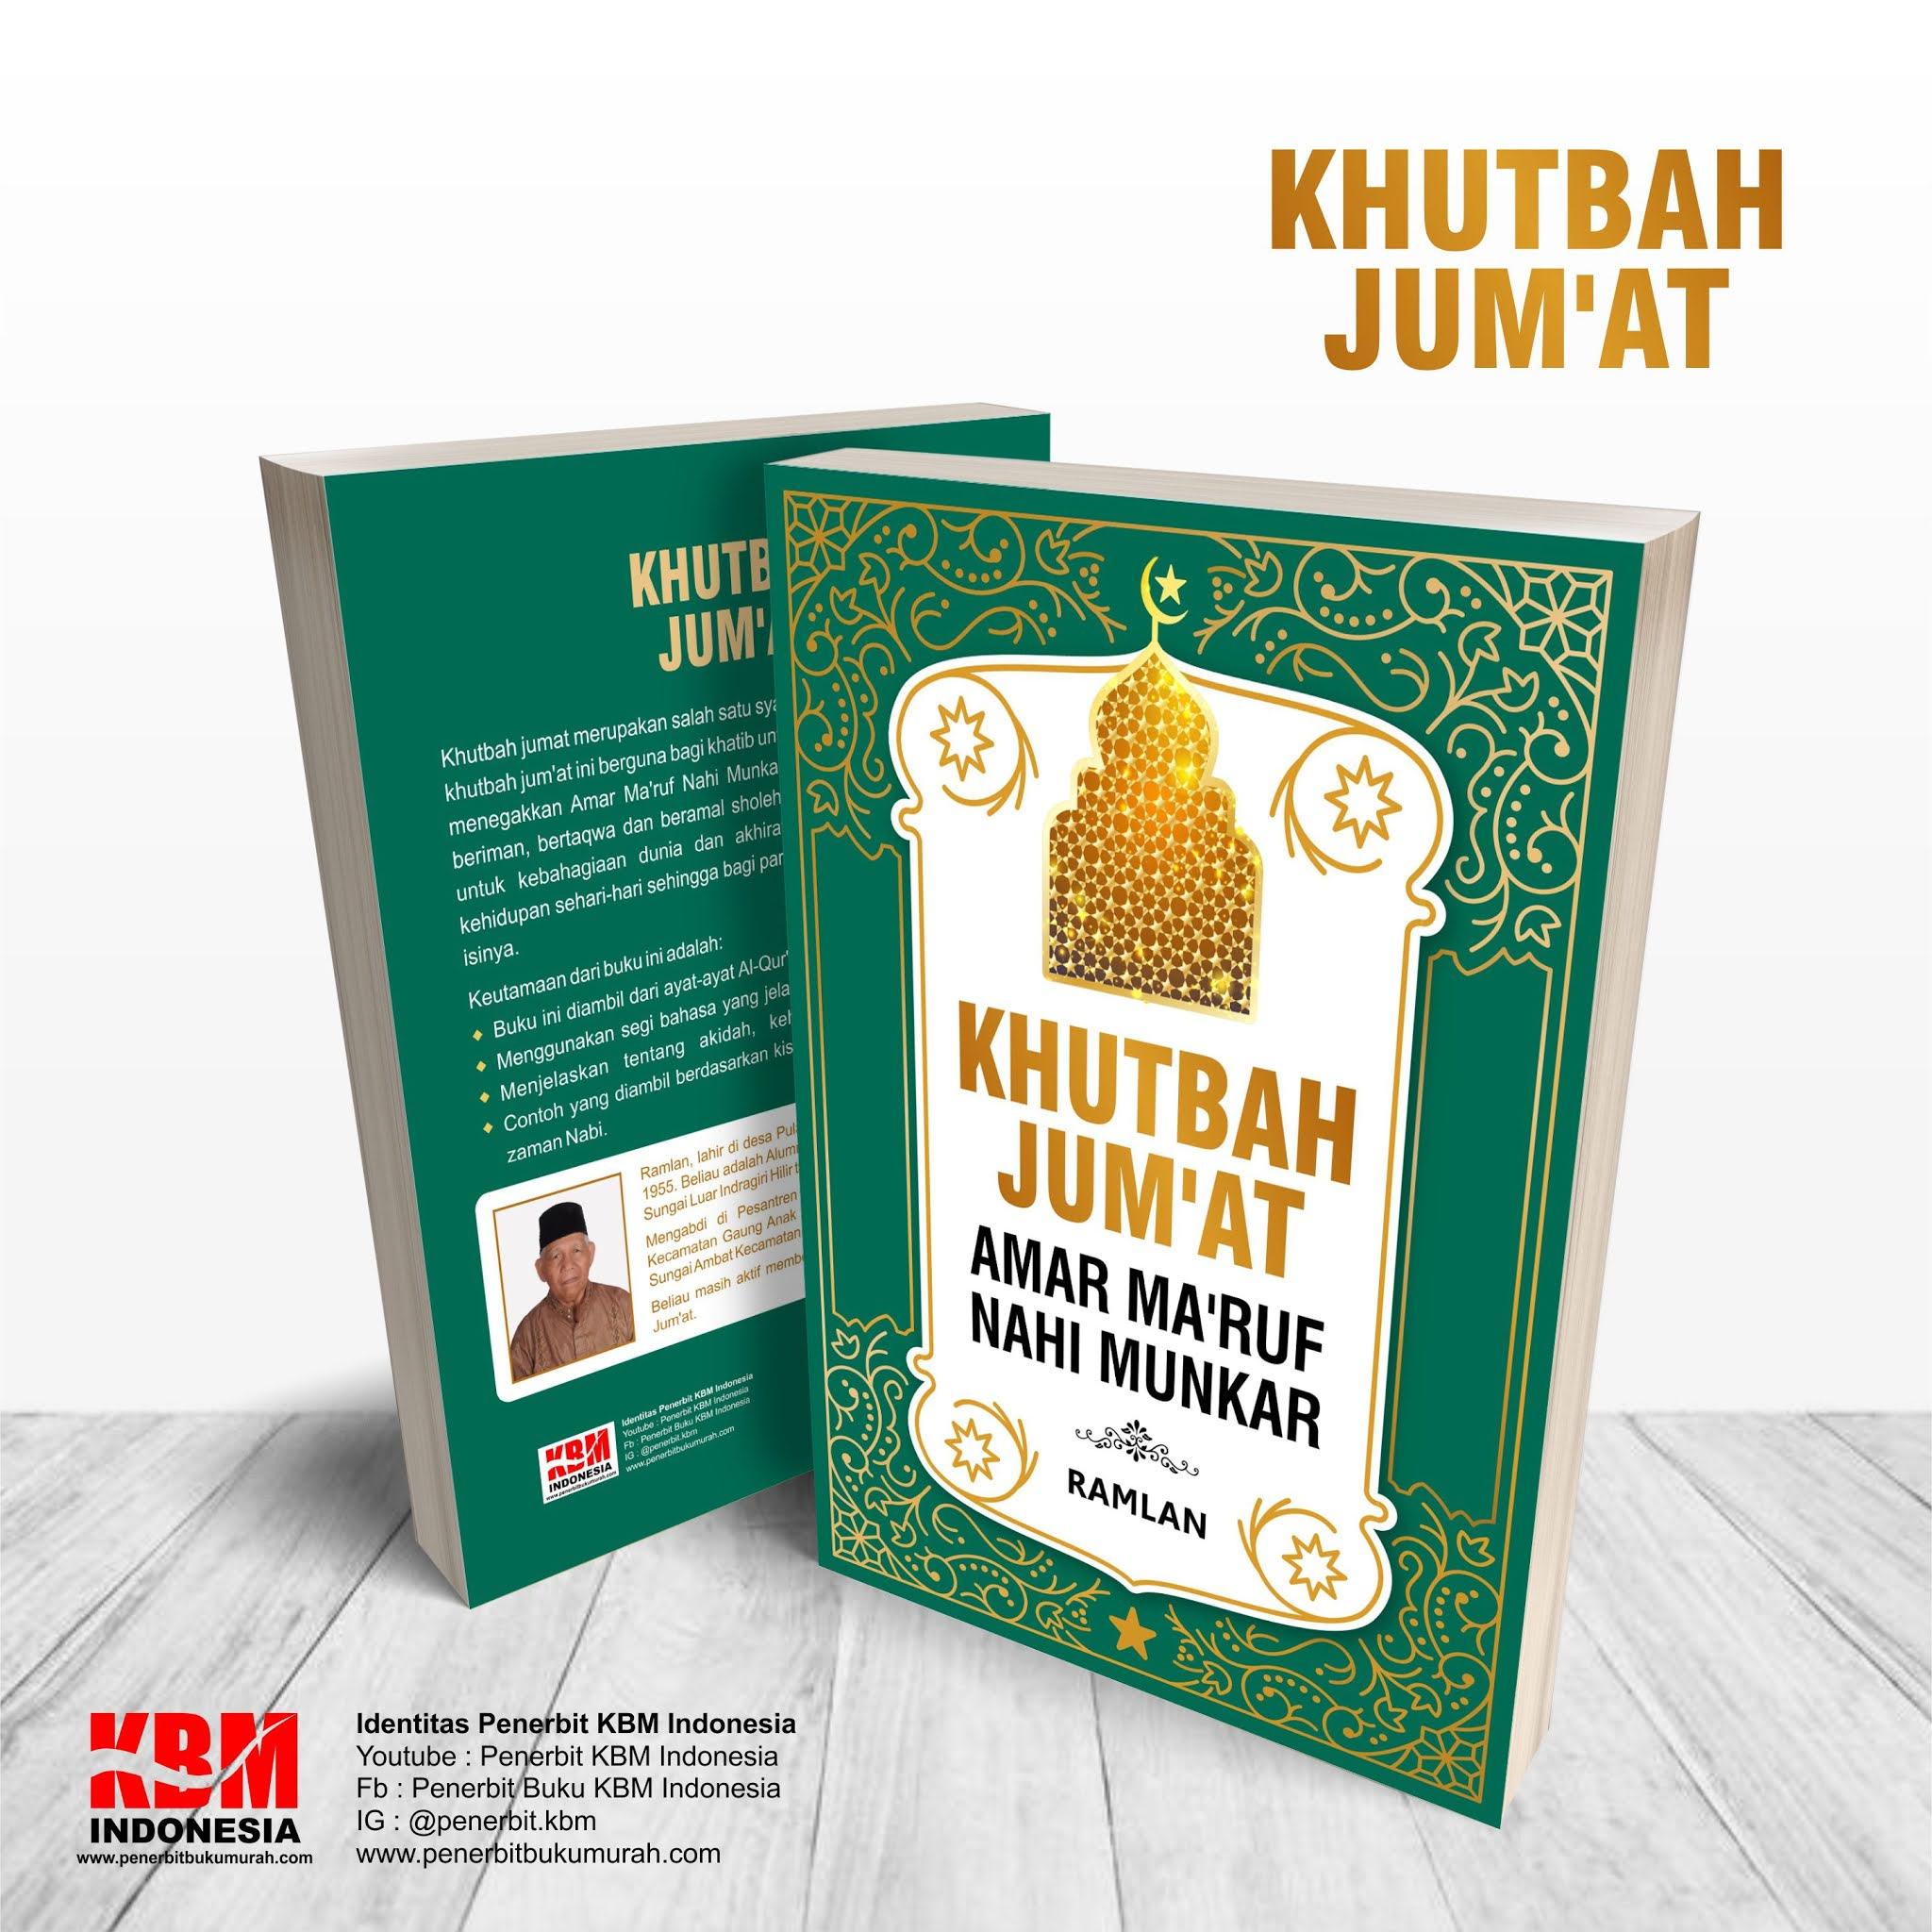 KHUTBAH JUM